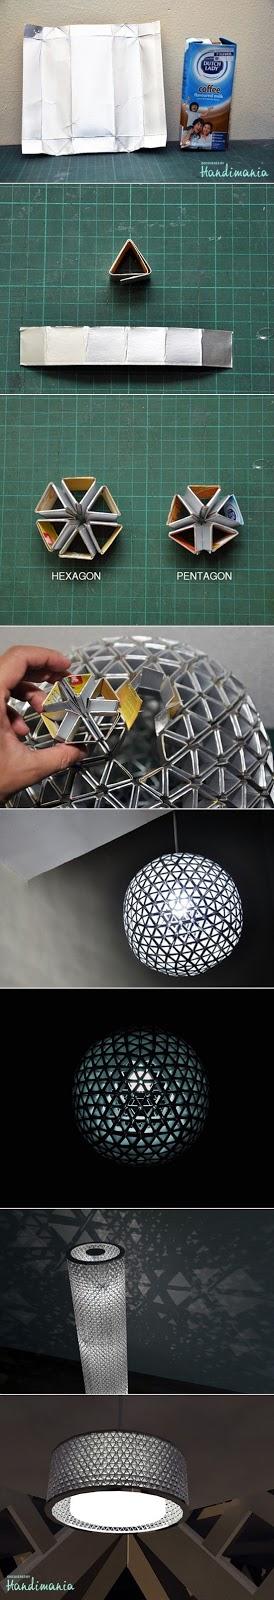 luminária com material reciclado